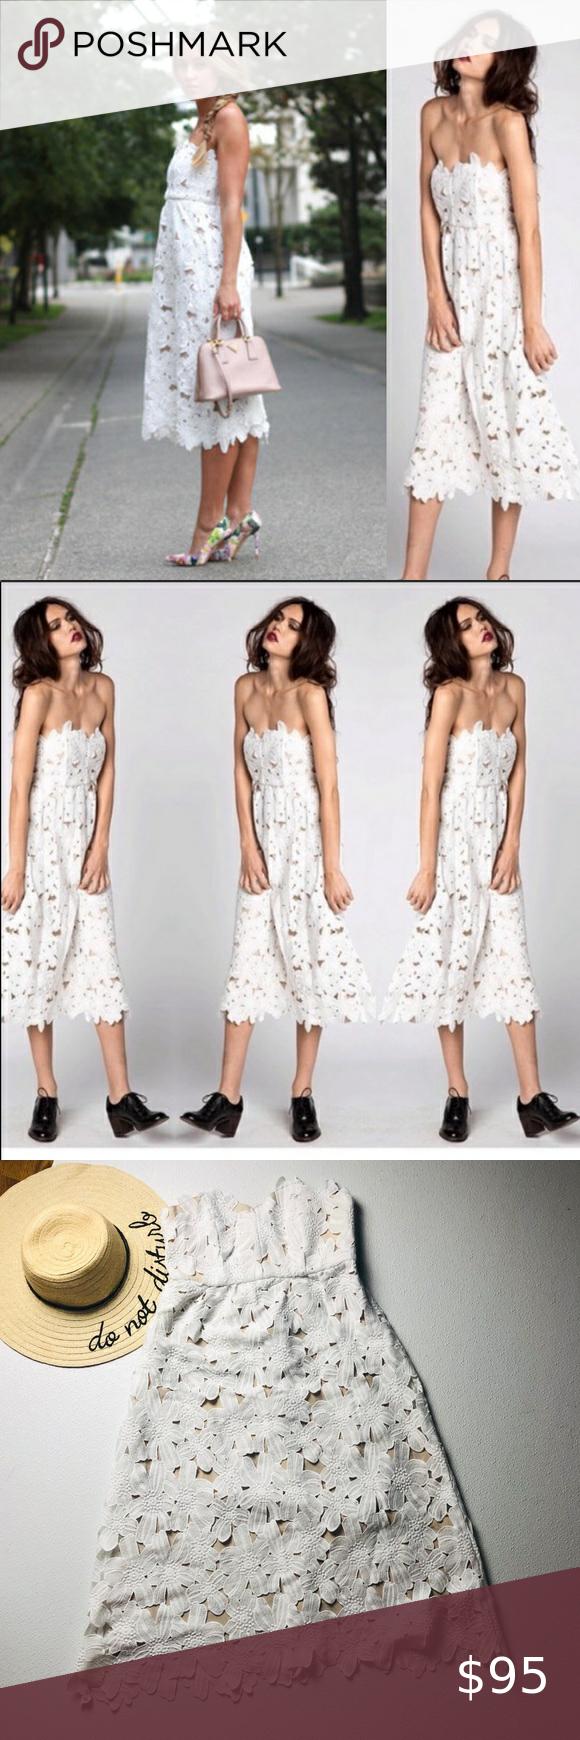 Stone Cold Fox White Lace Sleeveless Midi Dress Dresses Midi Dress Sleeveless Floral Lace Dress [ 1740 x 580 Pixel ]